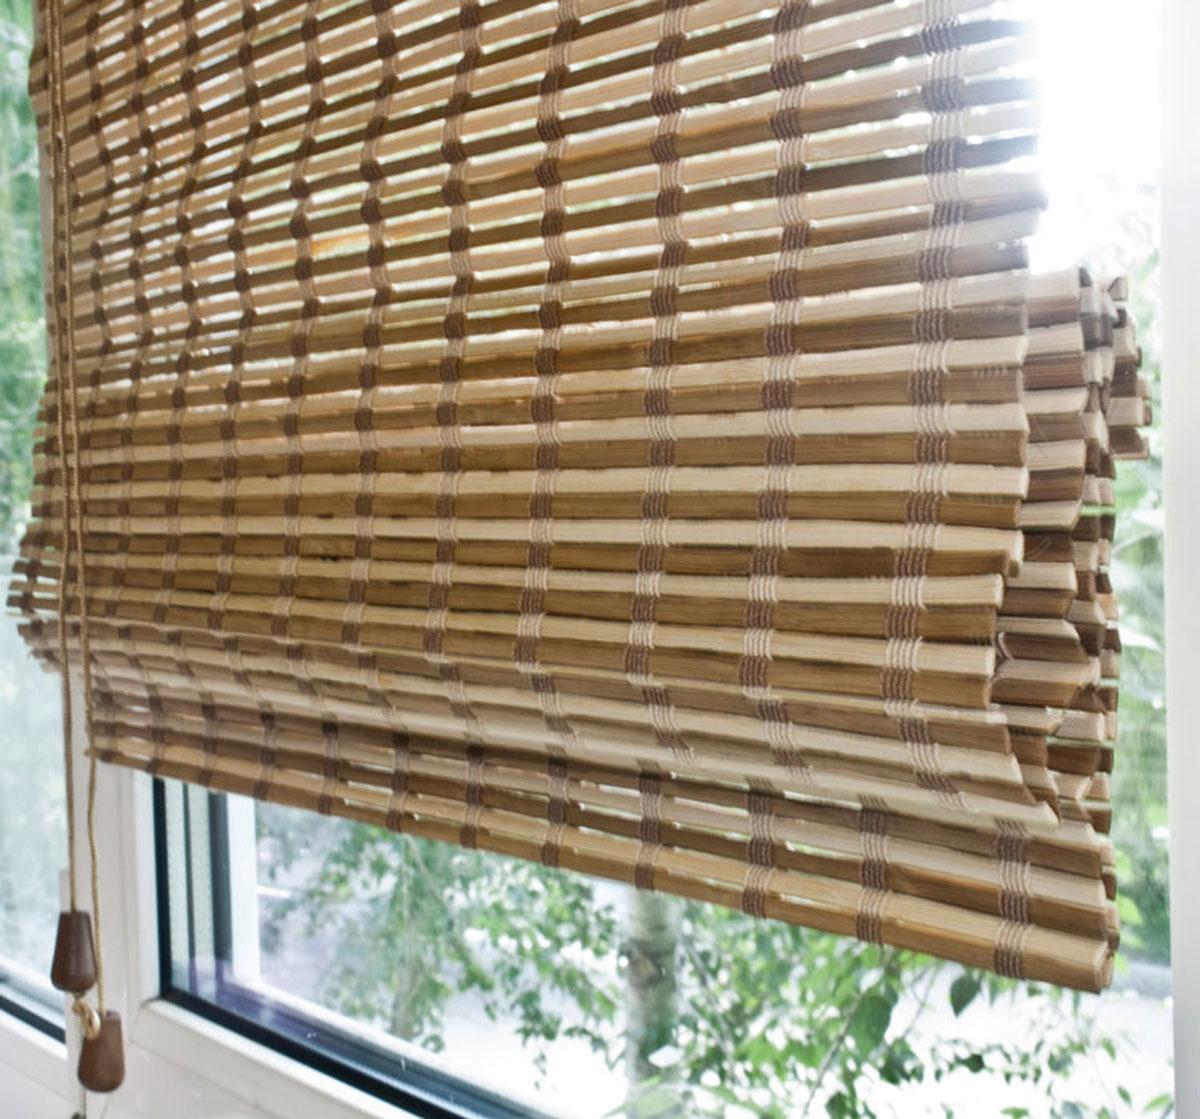 Римская штора Эскар, бамбуковая, цвет: коричневый, бежевый, ширина 140 см, высота 160 см1004900000360Римская штора Эскар, выполненная из натурального бамбука, является оригинальным современным аксессуаром для создания необычного интерьера в восточном или минималистичном стиле.Римская бамбуковая штора, как и тканевая римская штора, при поднятии образует крупные складки, которые прекрасно декорируют окно. Особенность устройства полотна позволяет свободно пропускать дневной свет, что обеспечивает мягкое освещение комнаты. Римская штора из натурального влагоустойчивого материала легко вписывается в любой интерьер, хорошо сочетается с различной мебелью и элементами отделки. Использование бамбукового полотна придает помещению необычный вид и визуально расширяет пространство. Бамбуковые шторы требуют только сухого ухода: пылесосом, щеткой, веником или влажной (но не мокрой!) губкой. Комплект для монтажа прилагается.